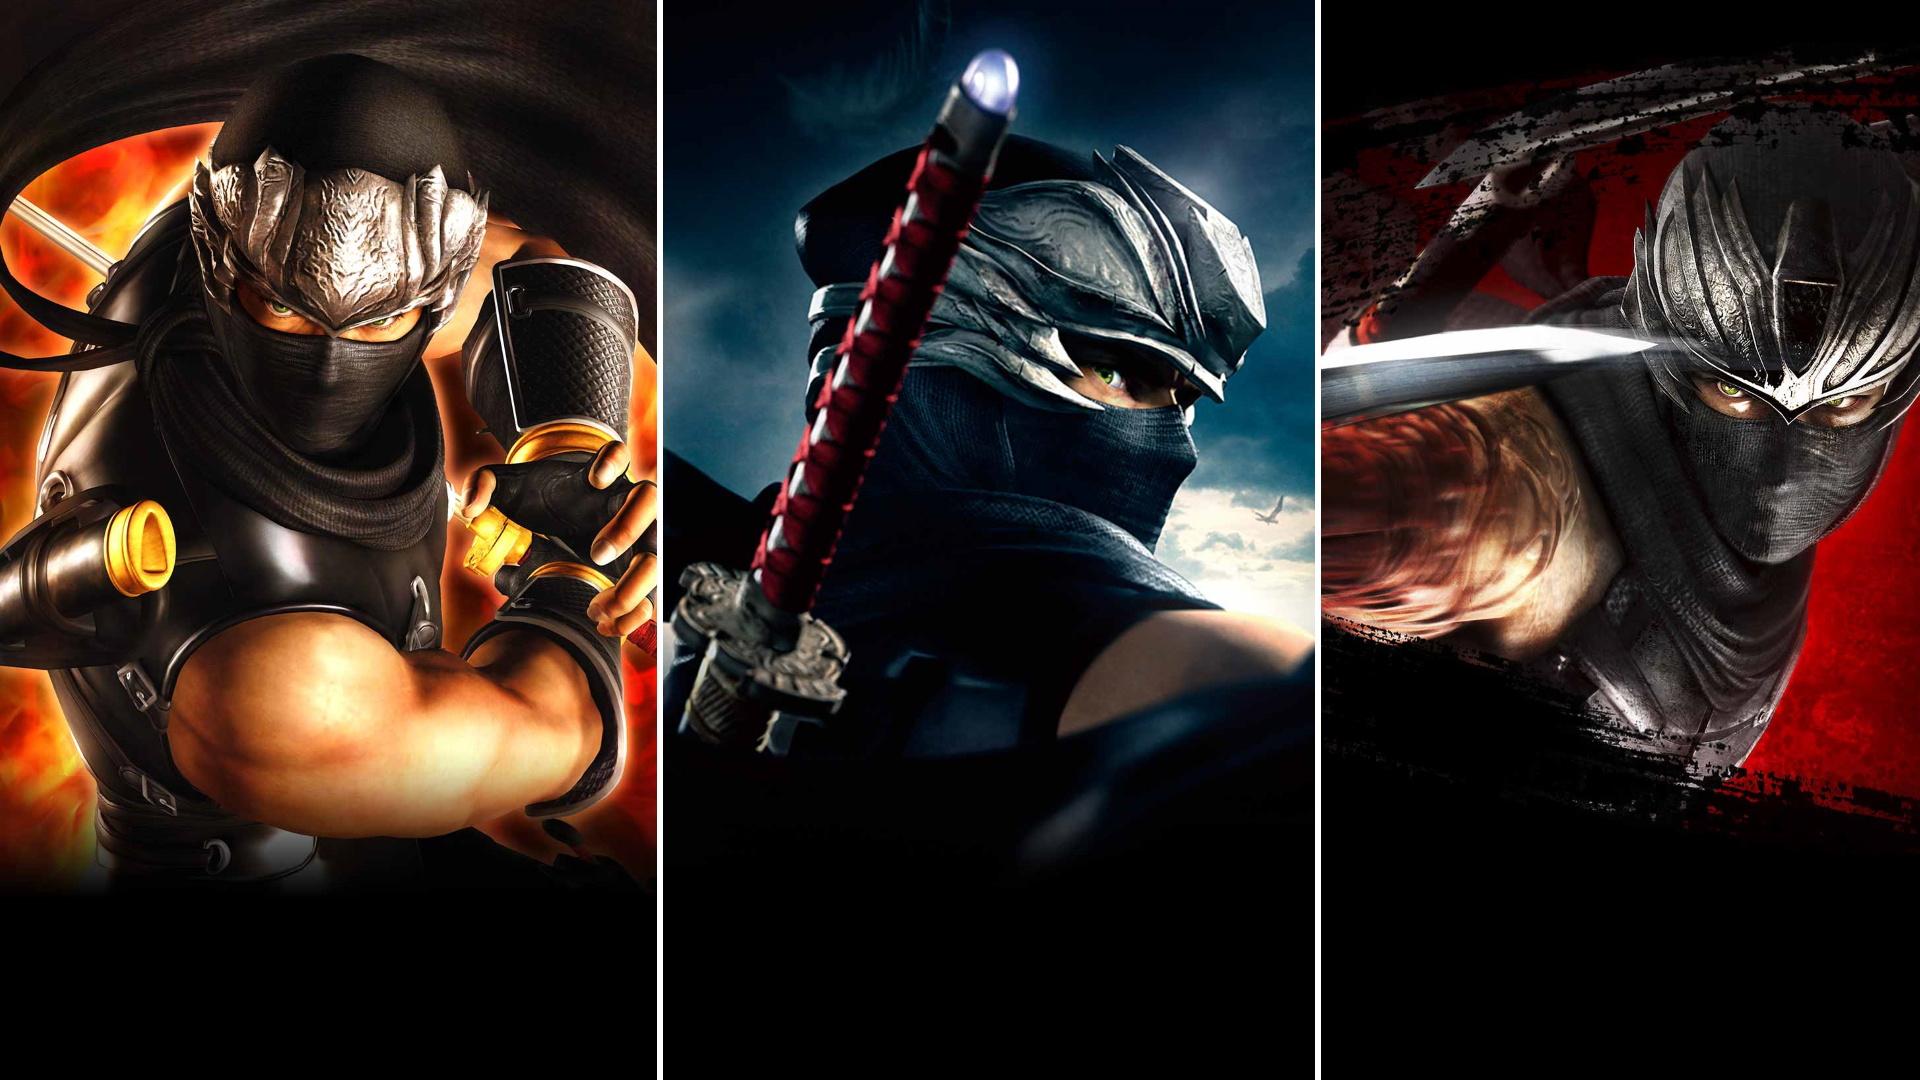 Ninja Gaiden: Master Collection будет работать в разрешении 4K при 60+ FPS